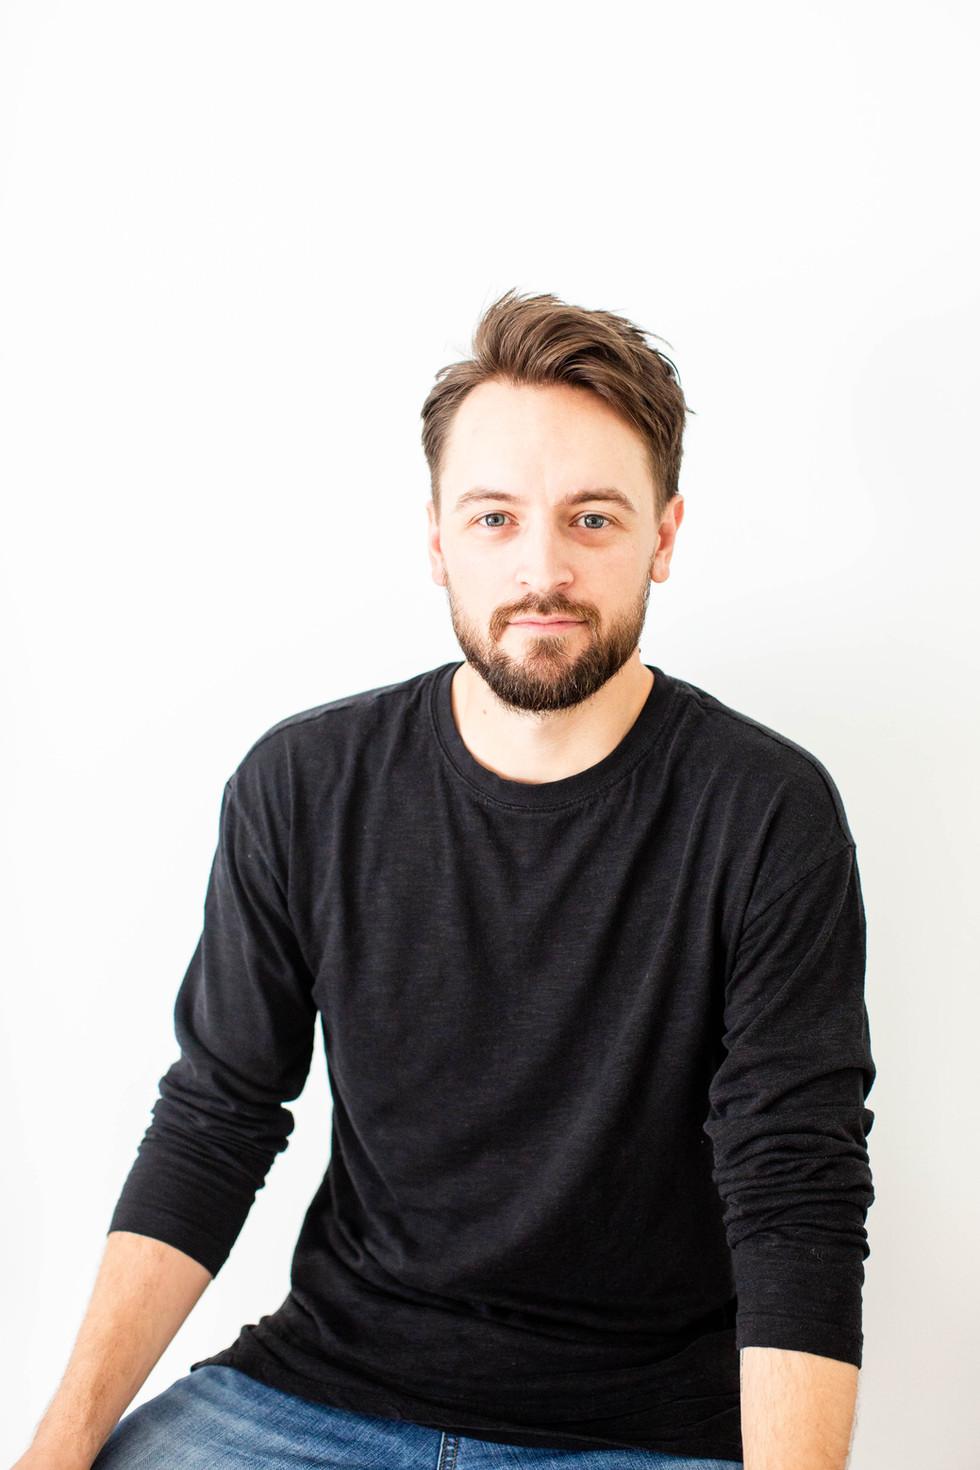 Headshot - Nashville Music Producer - Eric Arjes